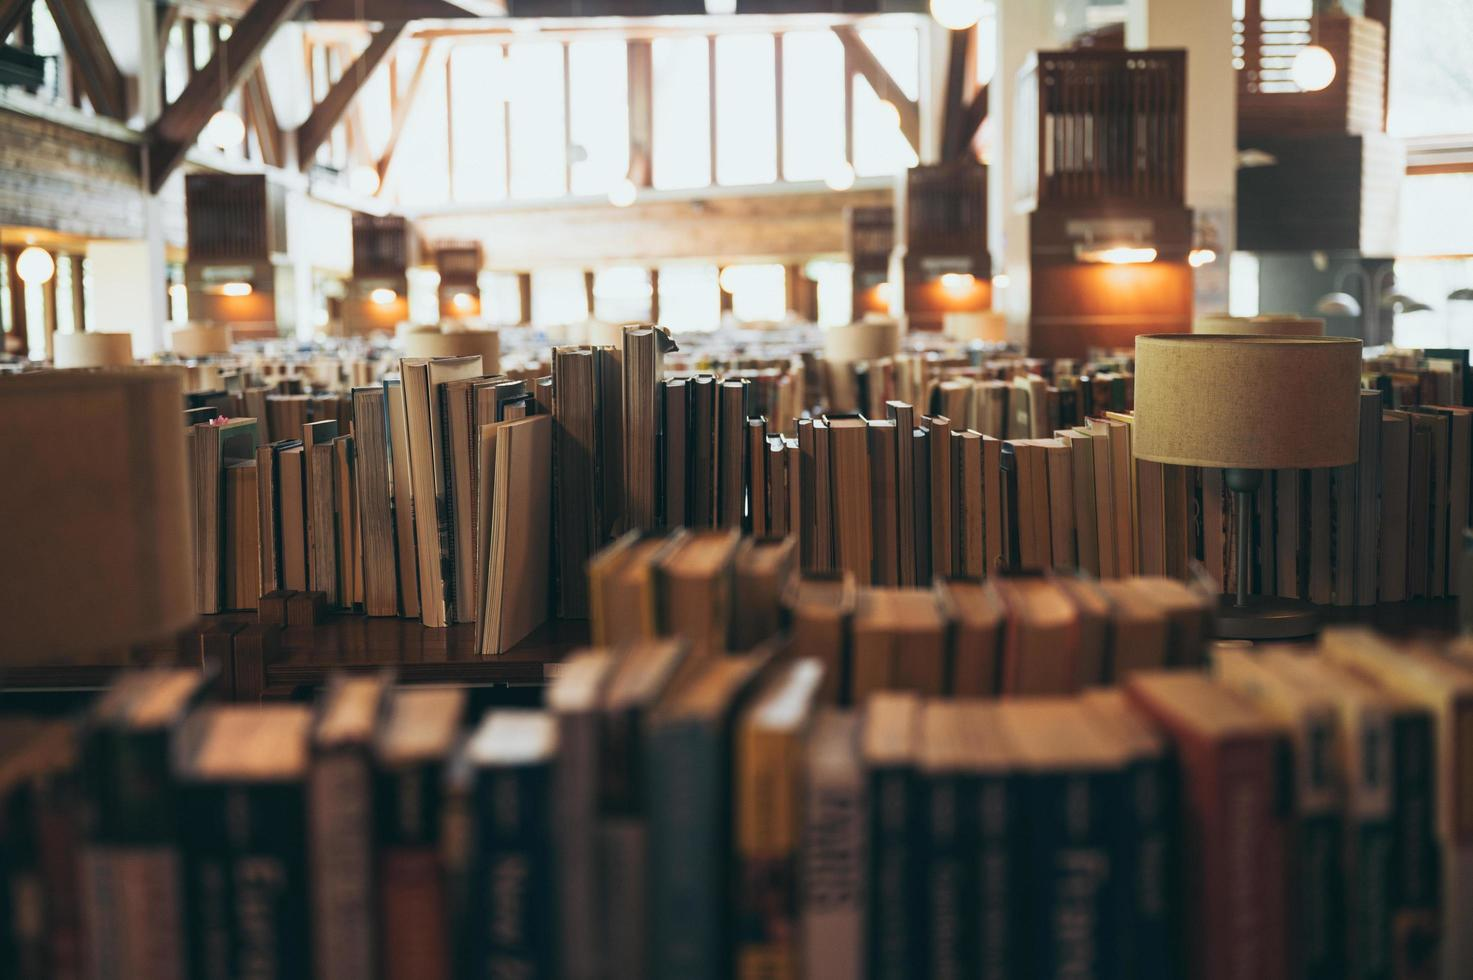 livros na grande biblioteca pública foto